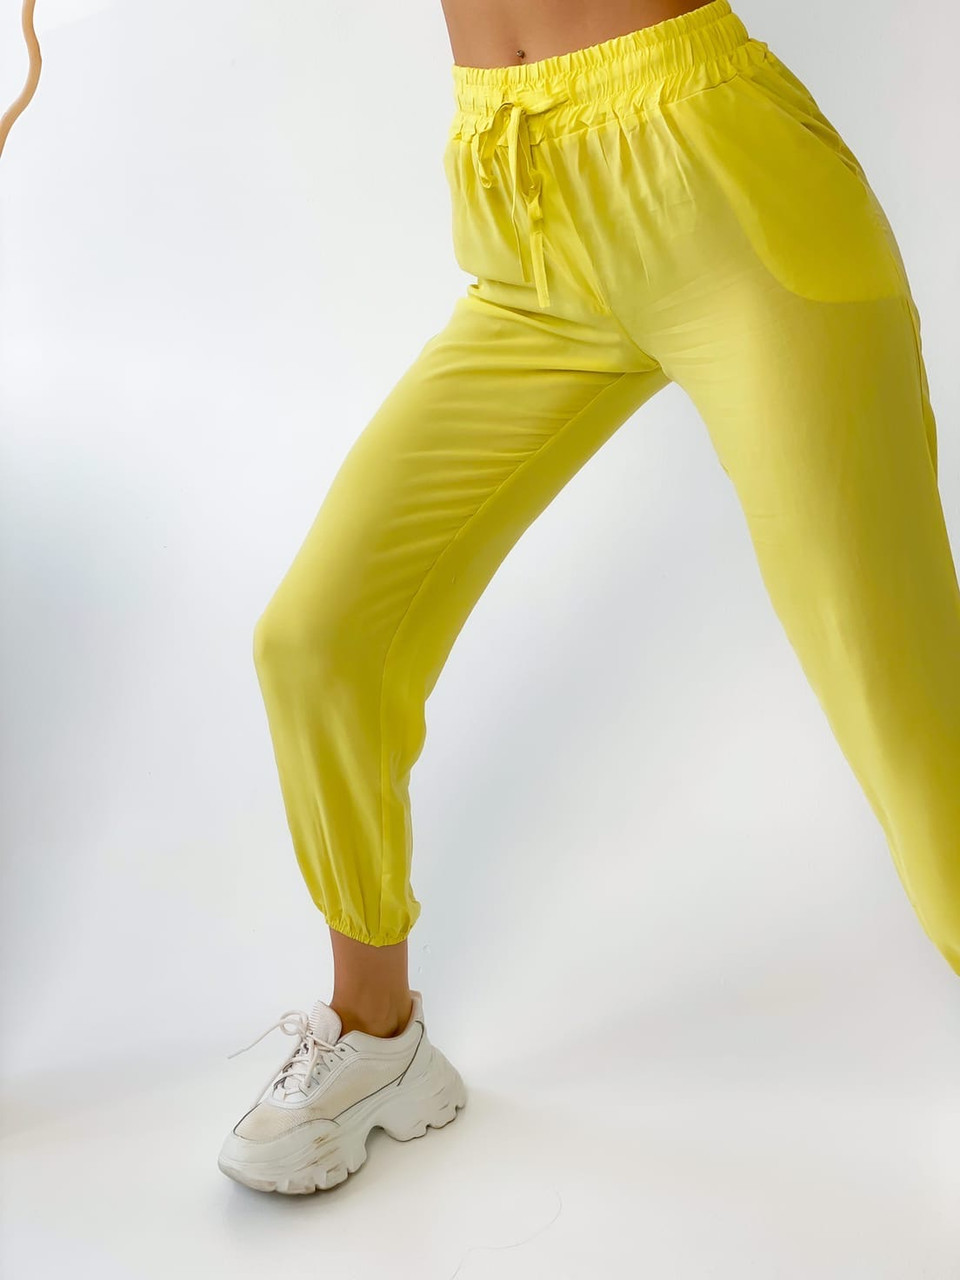 Супер стильные спортивные женские штанишки с накатом BEBI, разные цвета, р.42-44,46-48 Код 300Э